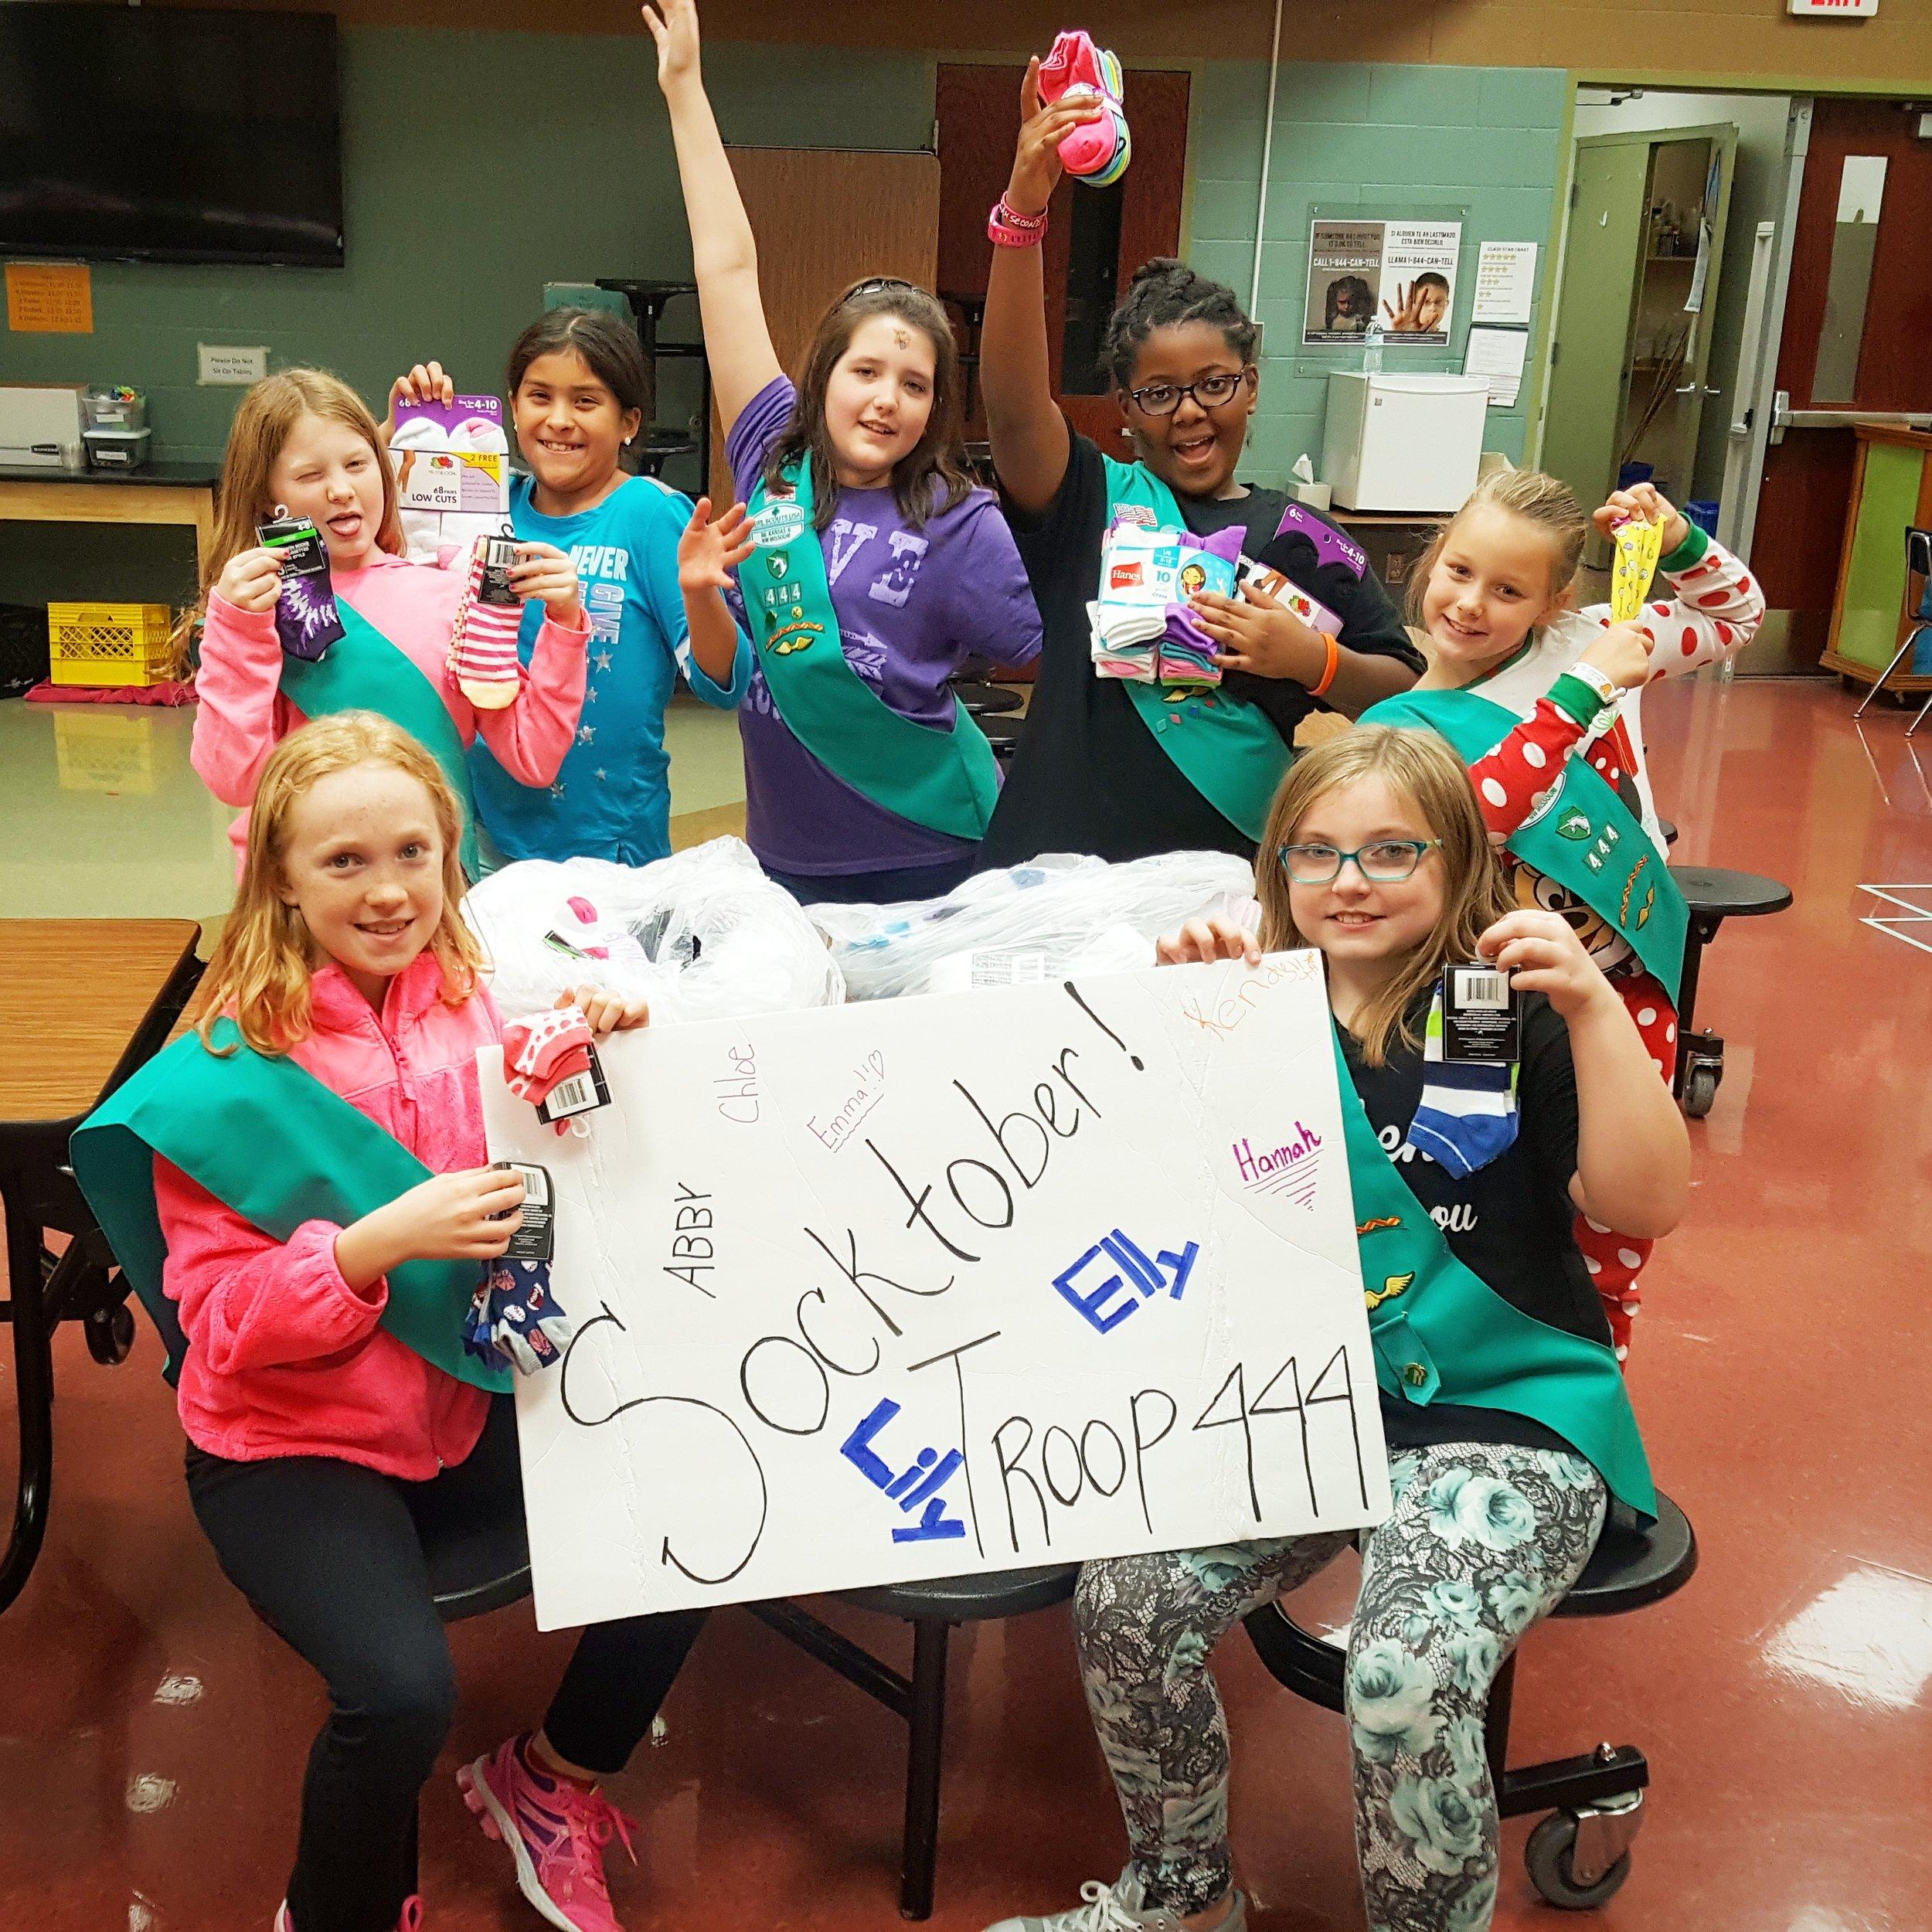 Girl Scouts Troop 444.jpg